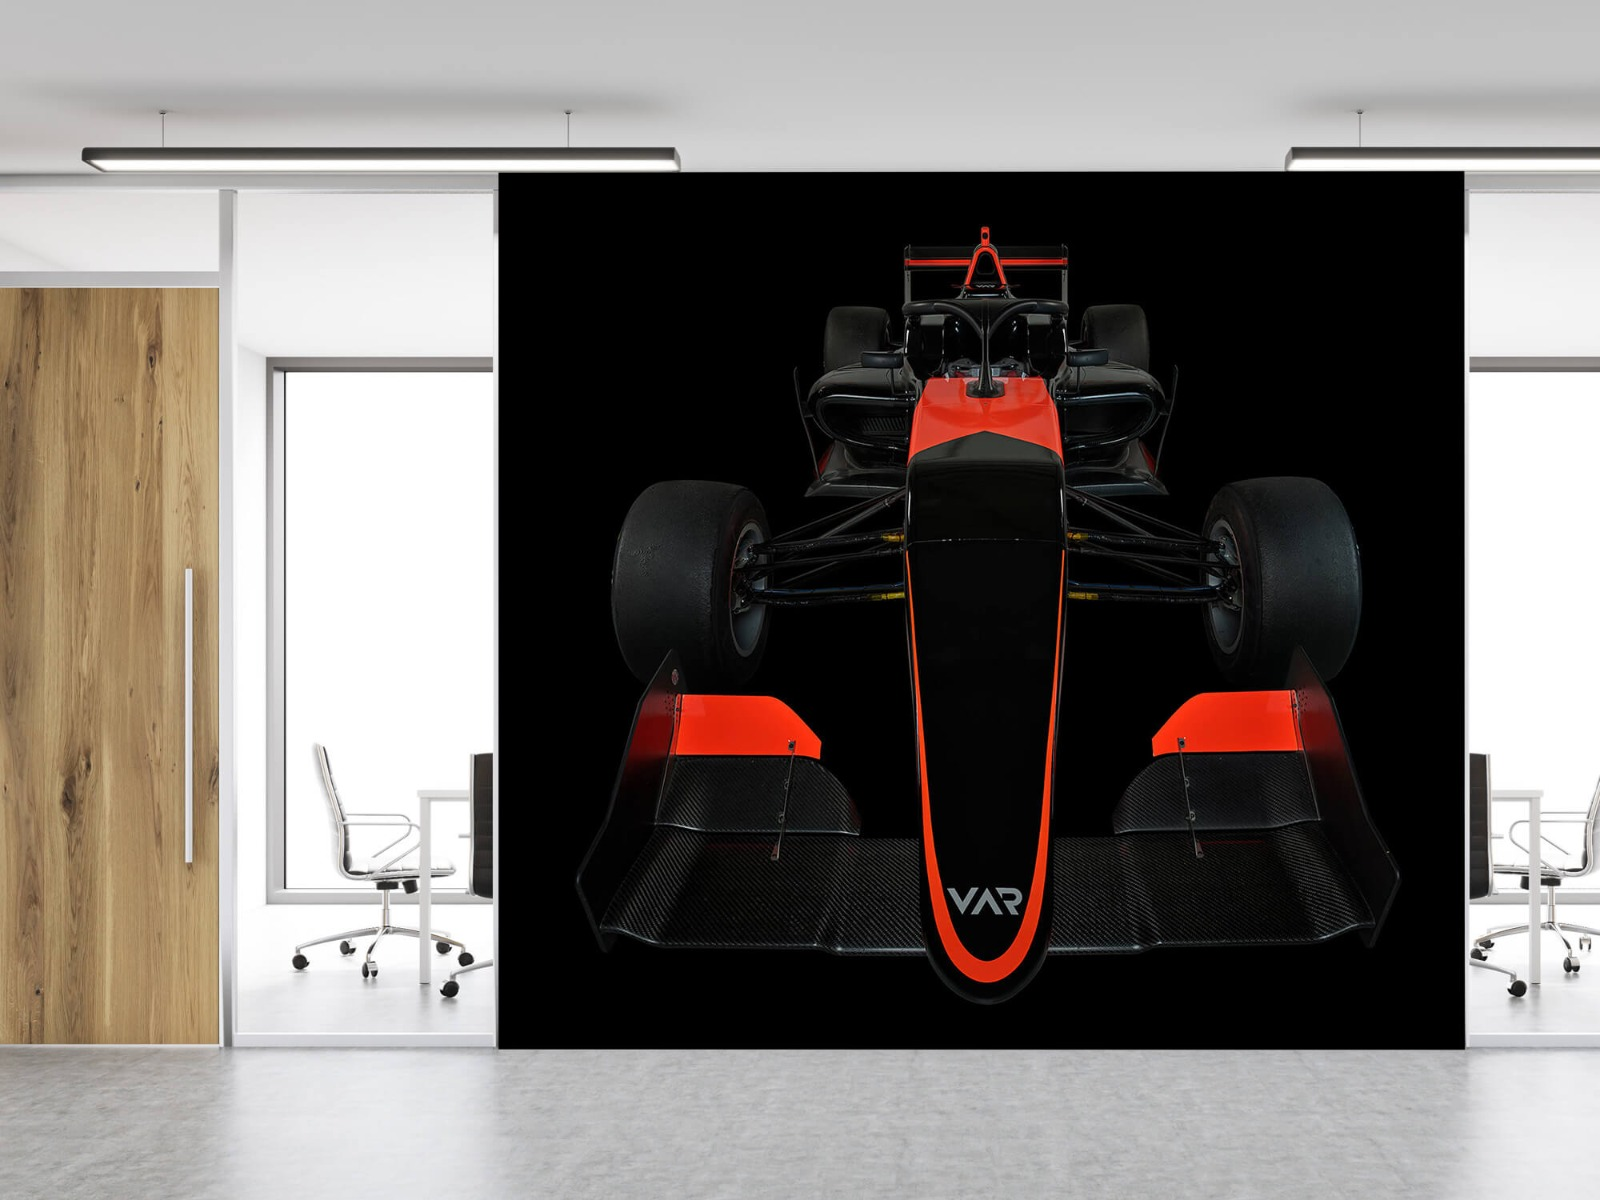 Sportauto's - Formule 3 - Front view - dark - Tienerkamer 12